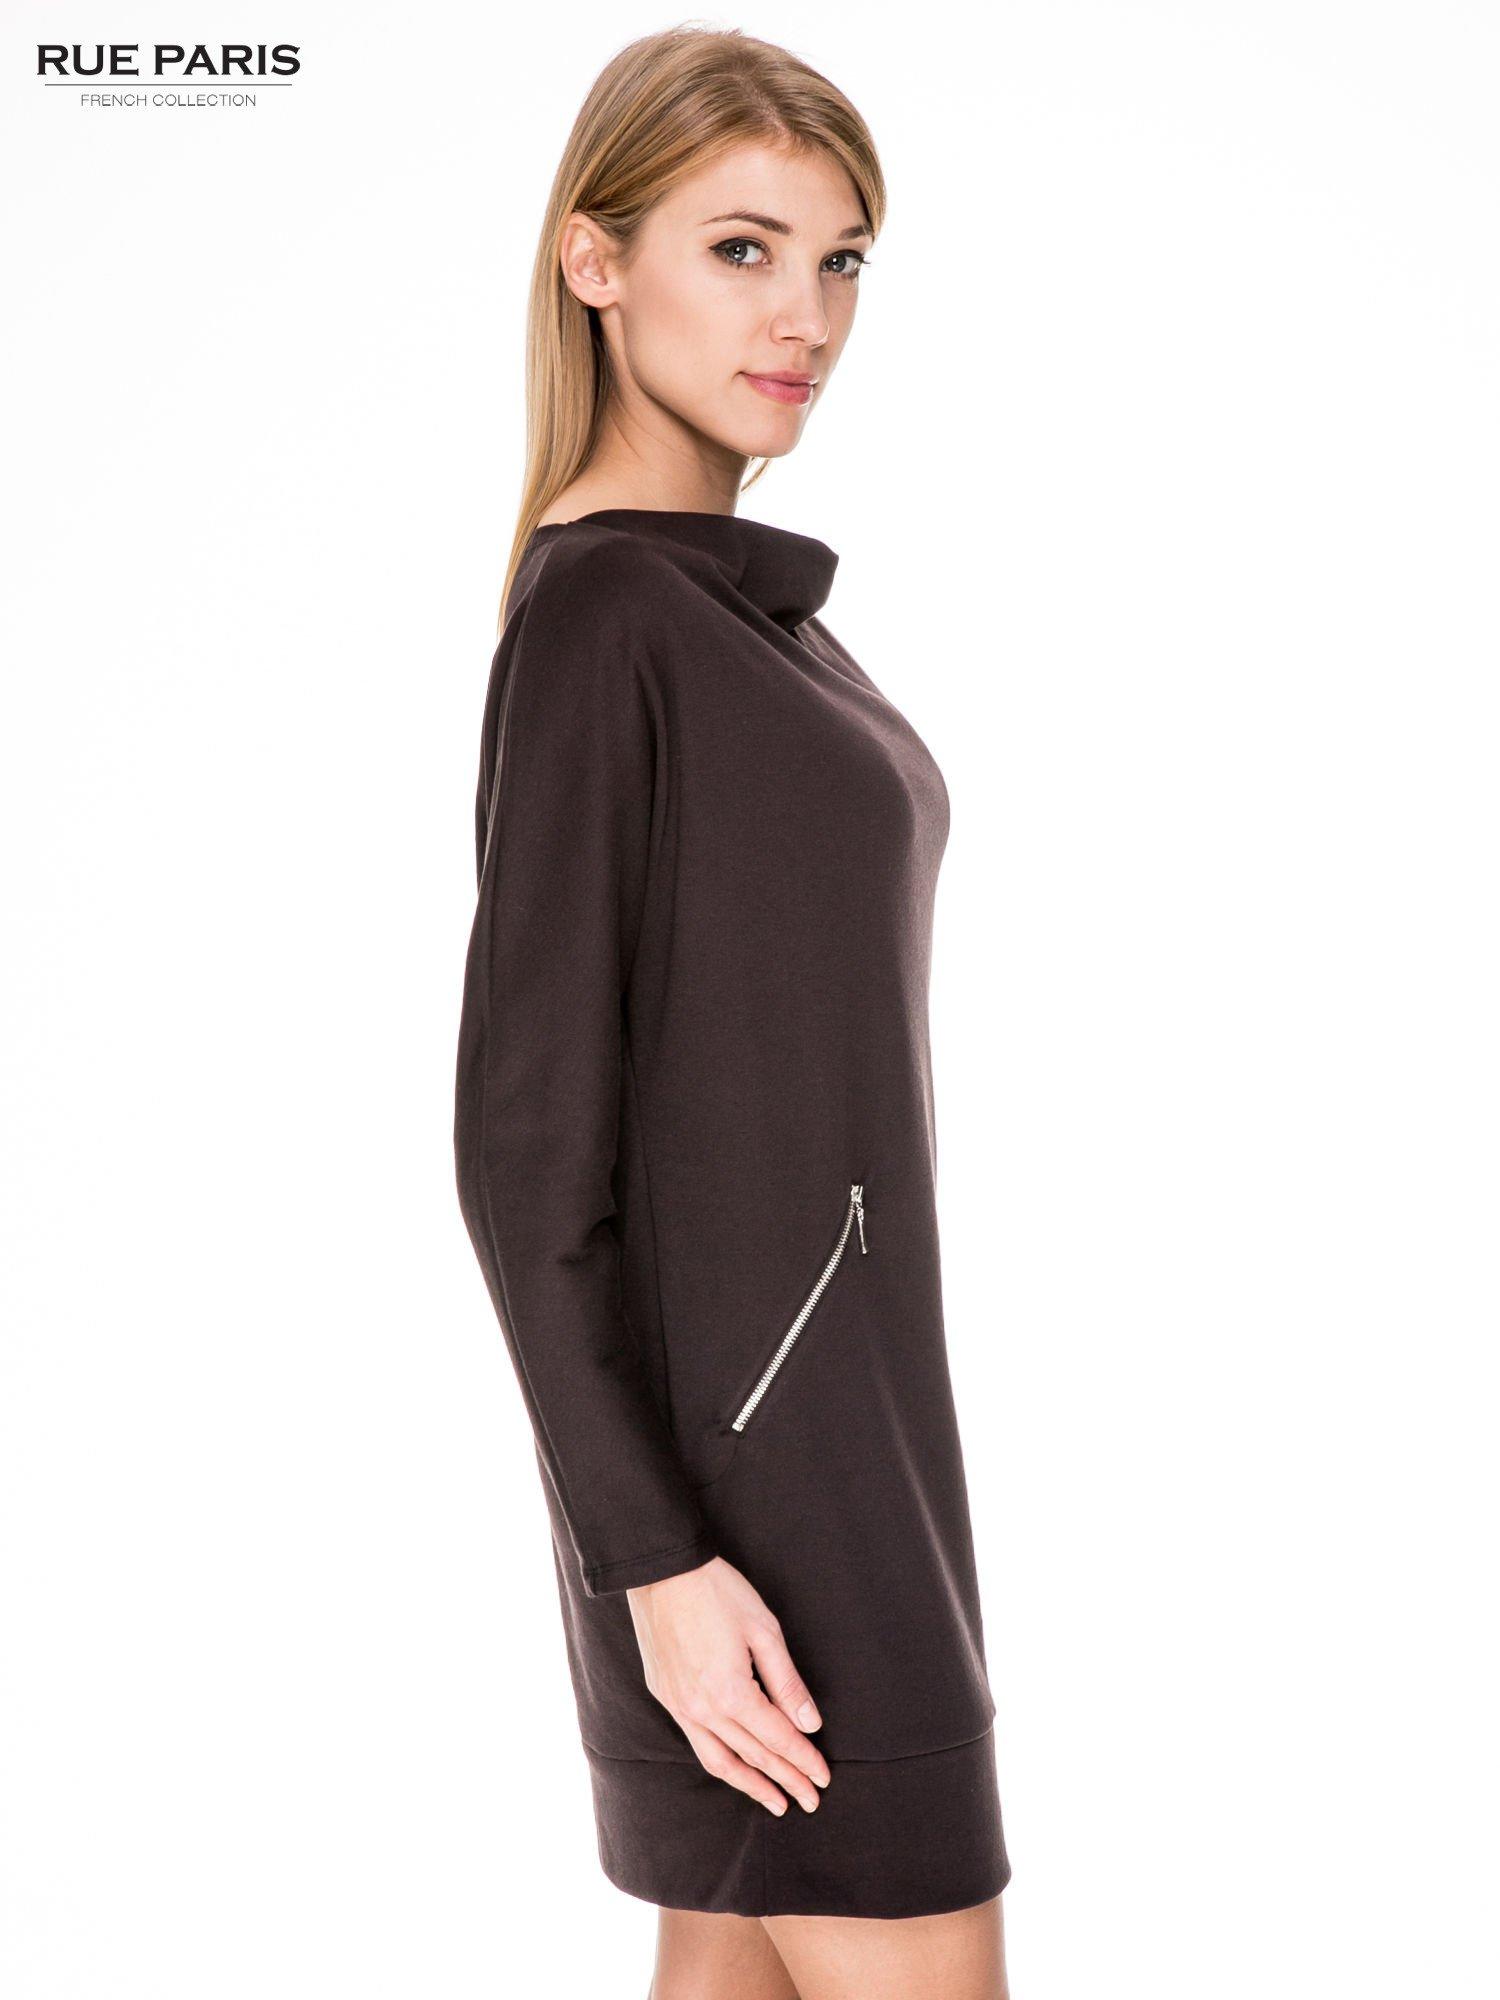 Brązowa bawełniana sukienka z suwakami                                  zdj.                                  3